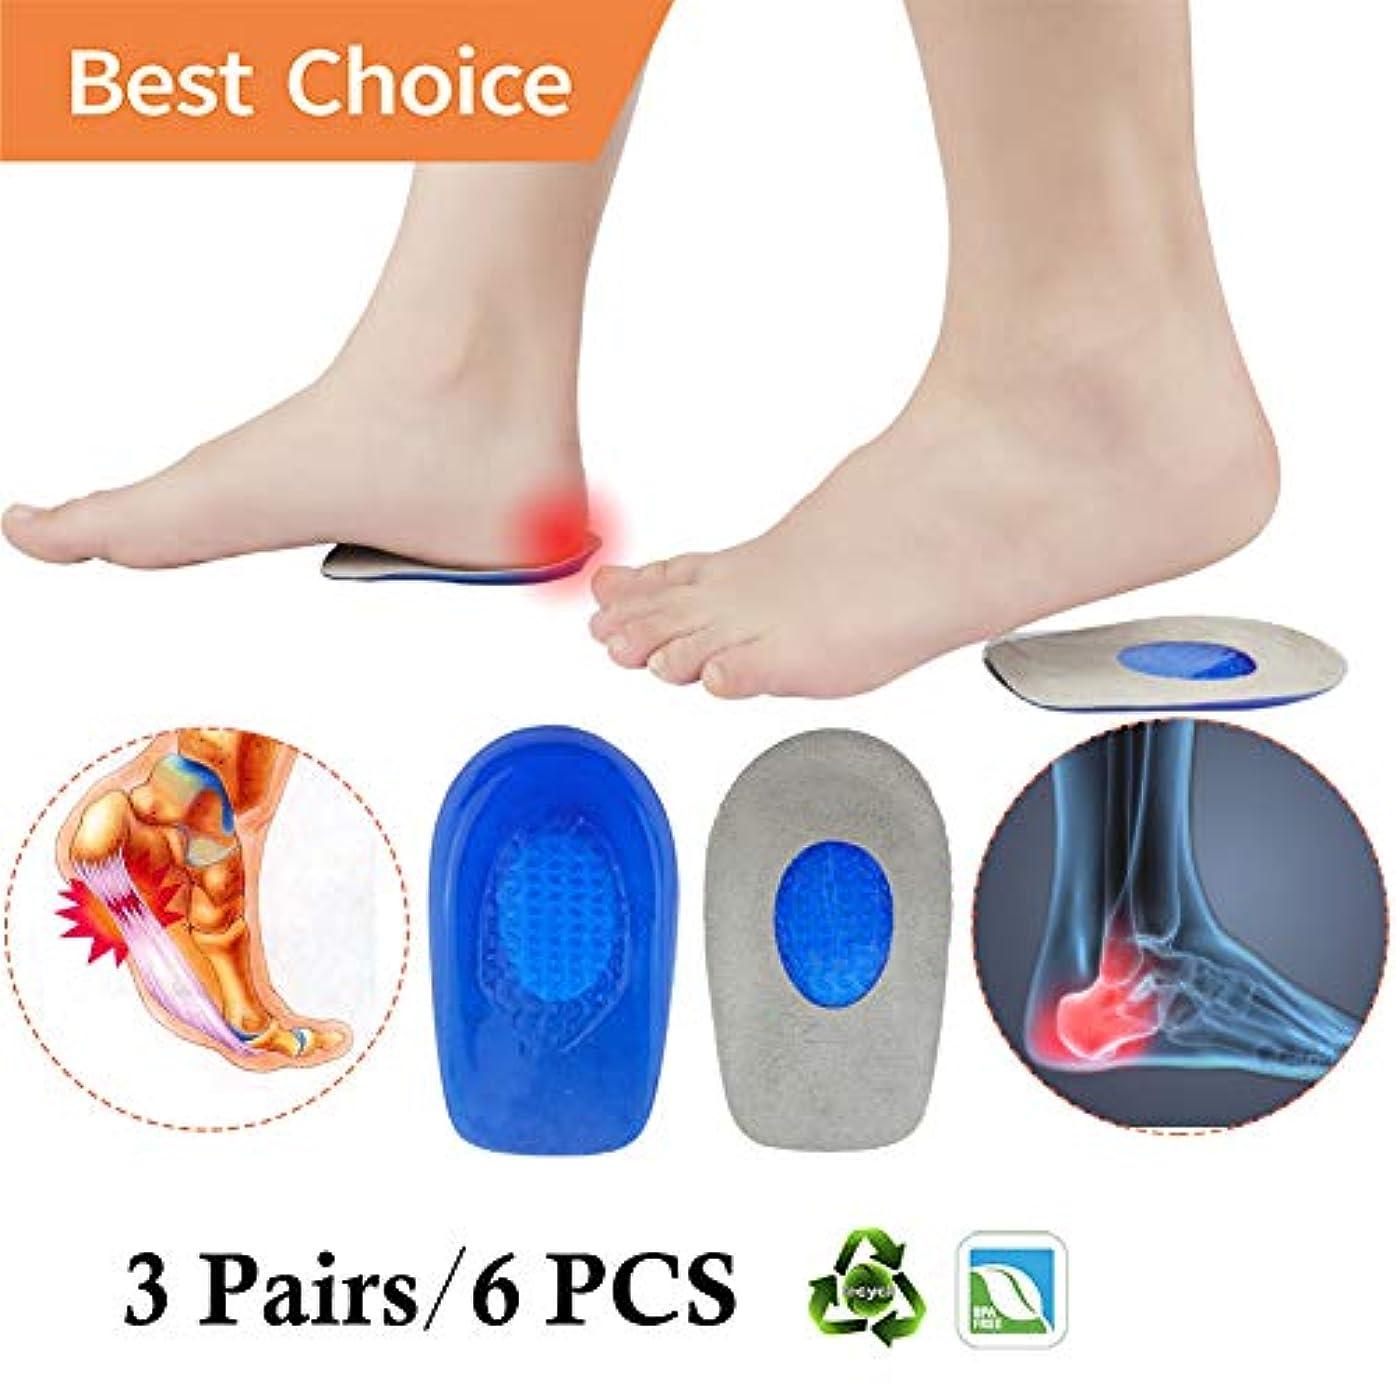 猫背タイヤ謎めいた足底筋膜炎インサート かかと中敷き ヒールカップ ゲル ヒールパッド クッション (3ペア)ヒールインサート 踵の痛みに最適 アキレス腱炎 男女兼用